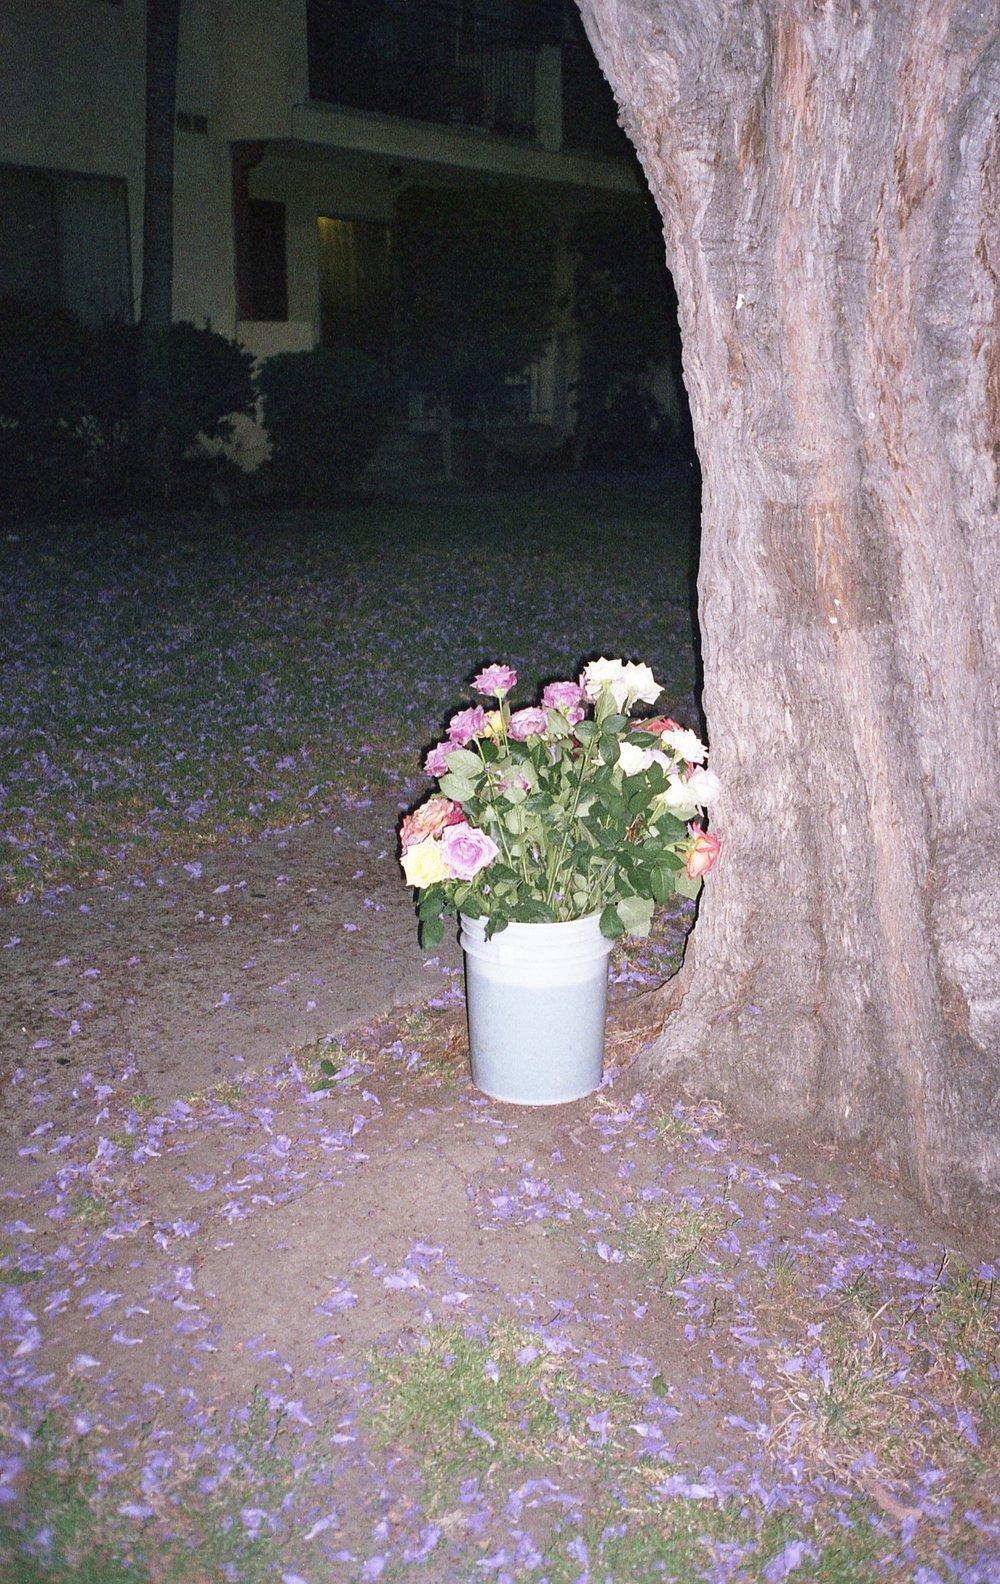 veniceblvd024.jpg